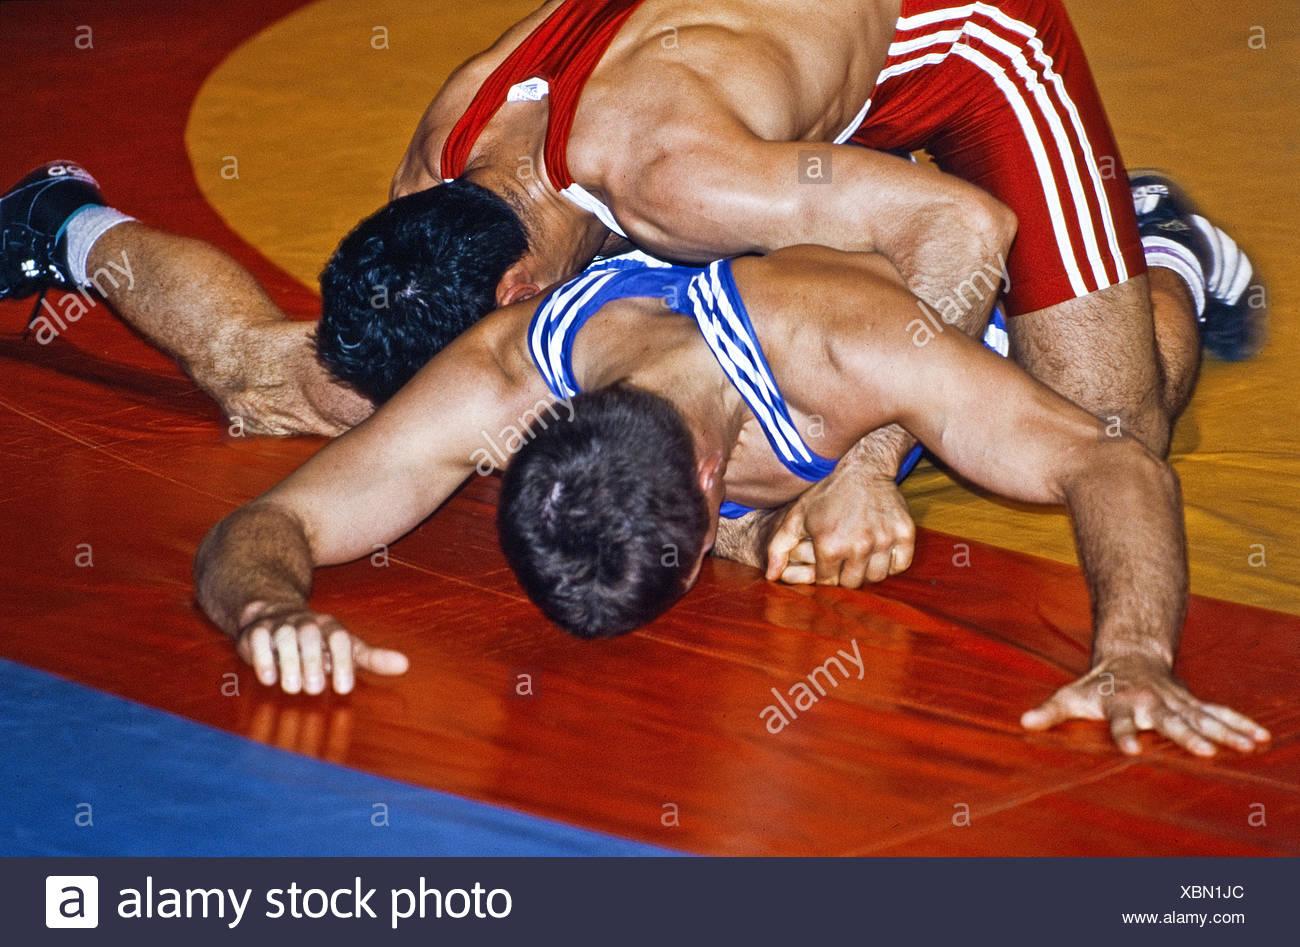 Wrestling KSV Witten 07, Witten, Allemagne Photo Stock